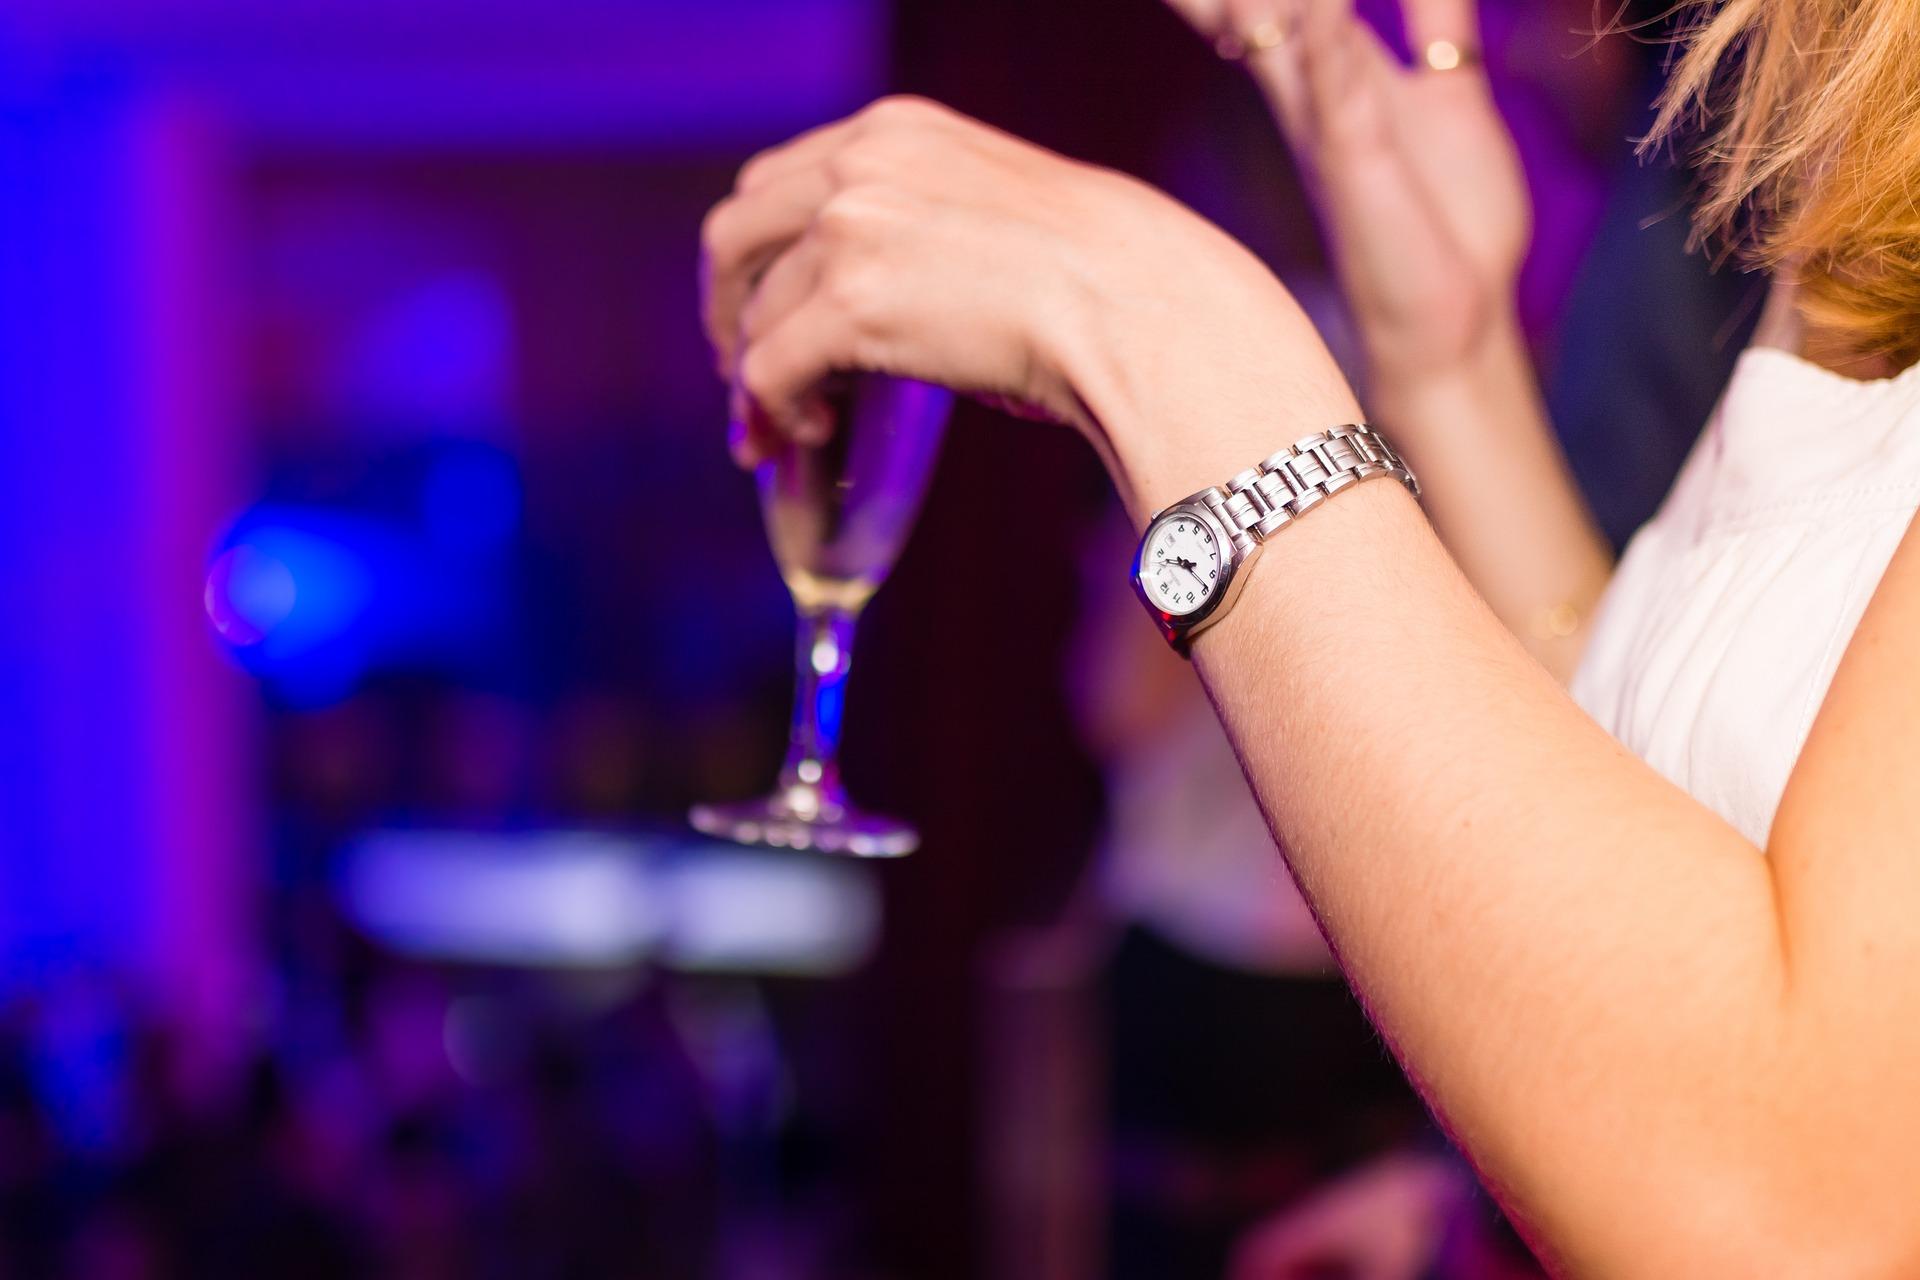 Клуб «Gazgolder» в ЦАО могут закрыть на 90 суток за нарушения антиковидных мер